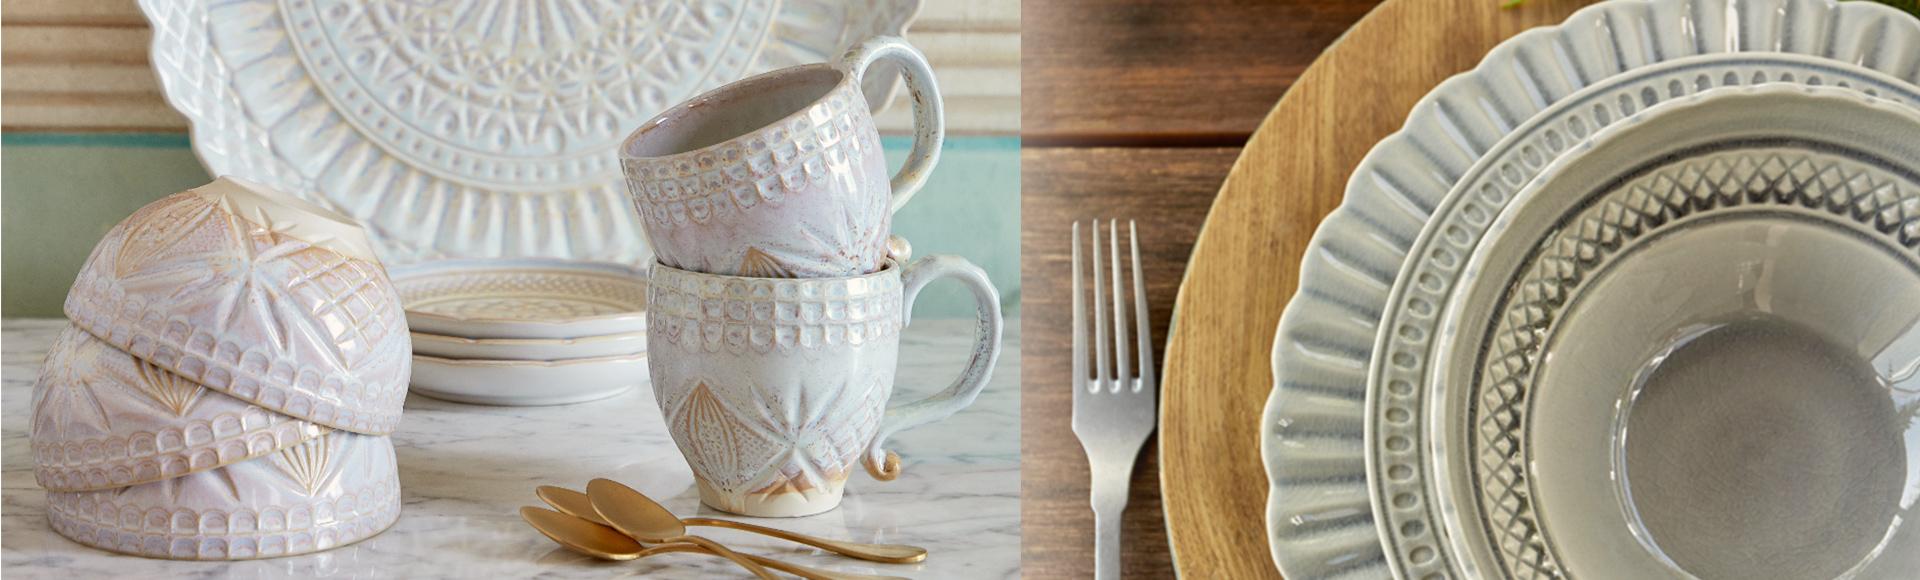 ポルトガルのテーブルウェアブランドCOSTANOVAのクリスタルシリーズ。カットガラスのような個性的なデザインと、釉薬による幻想的な色味が魅力的な食器です。